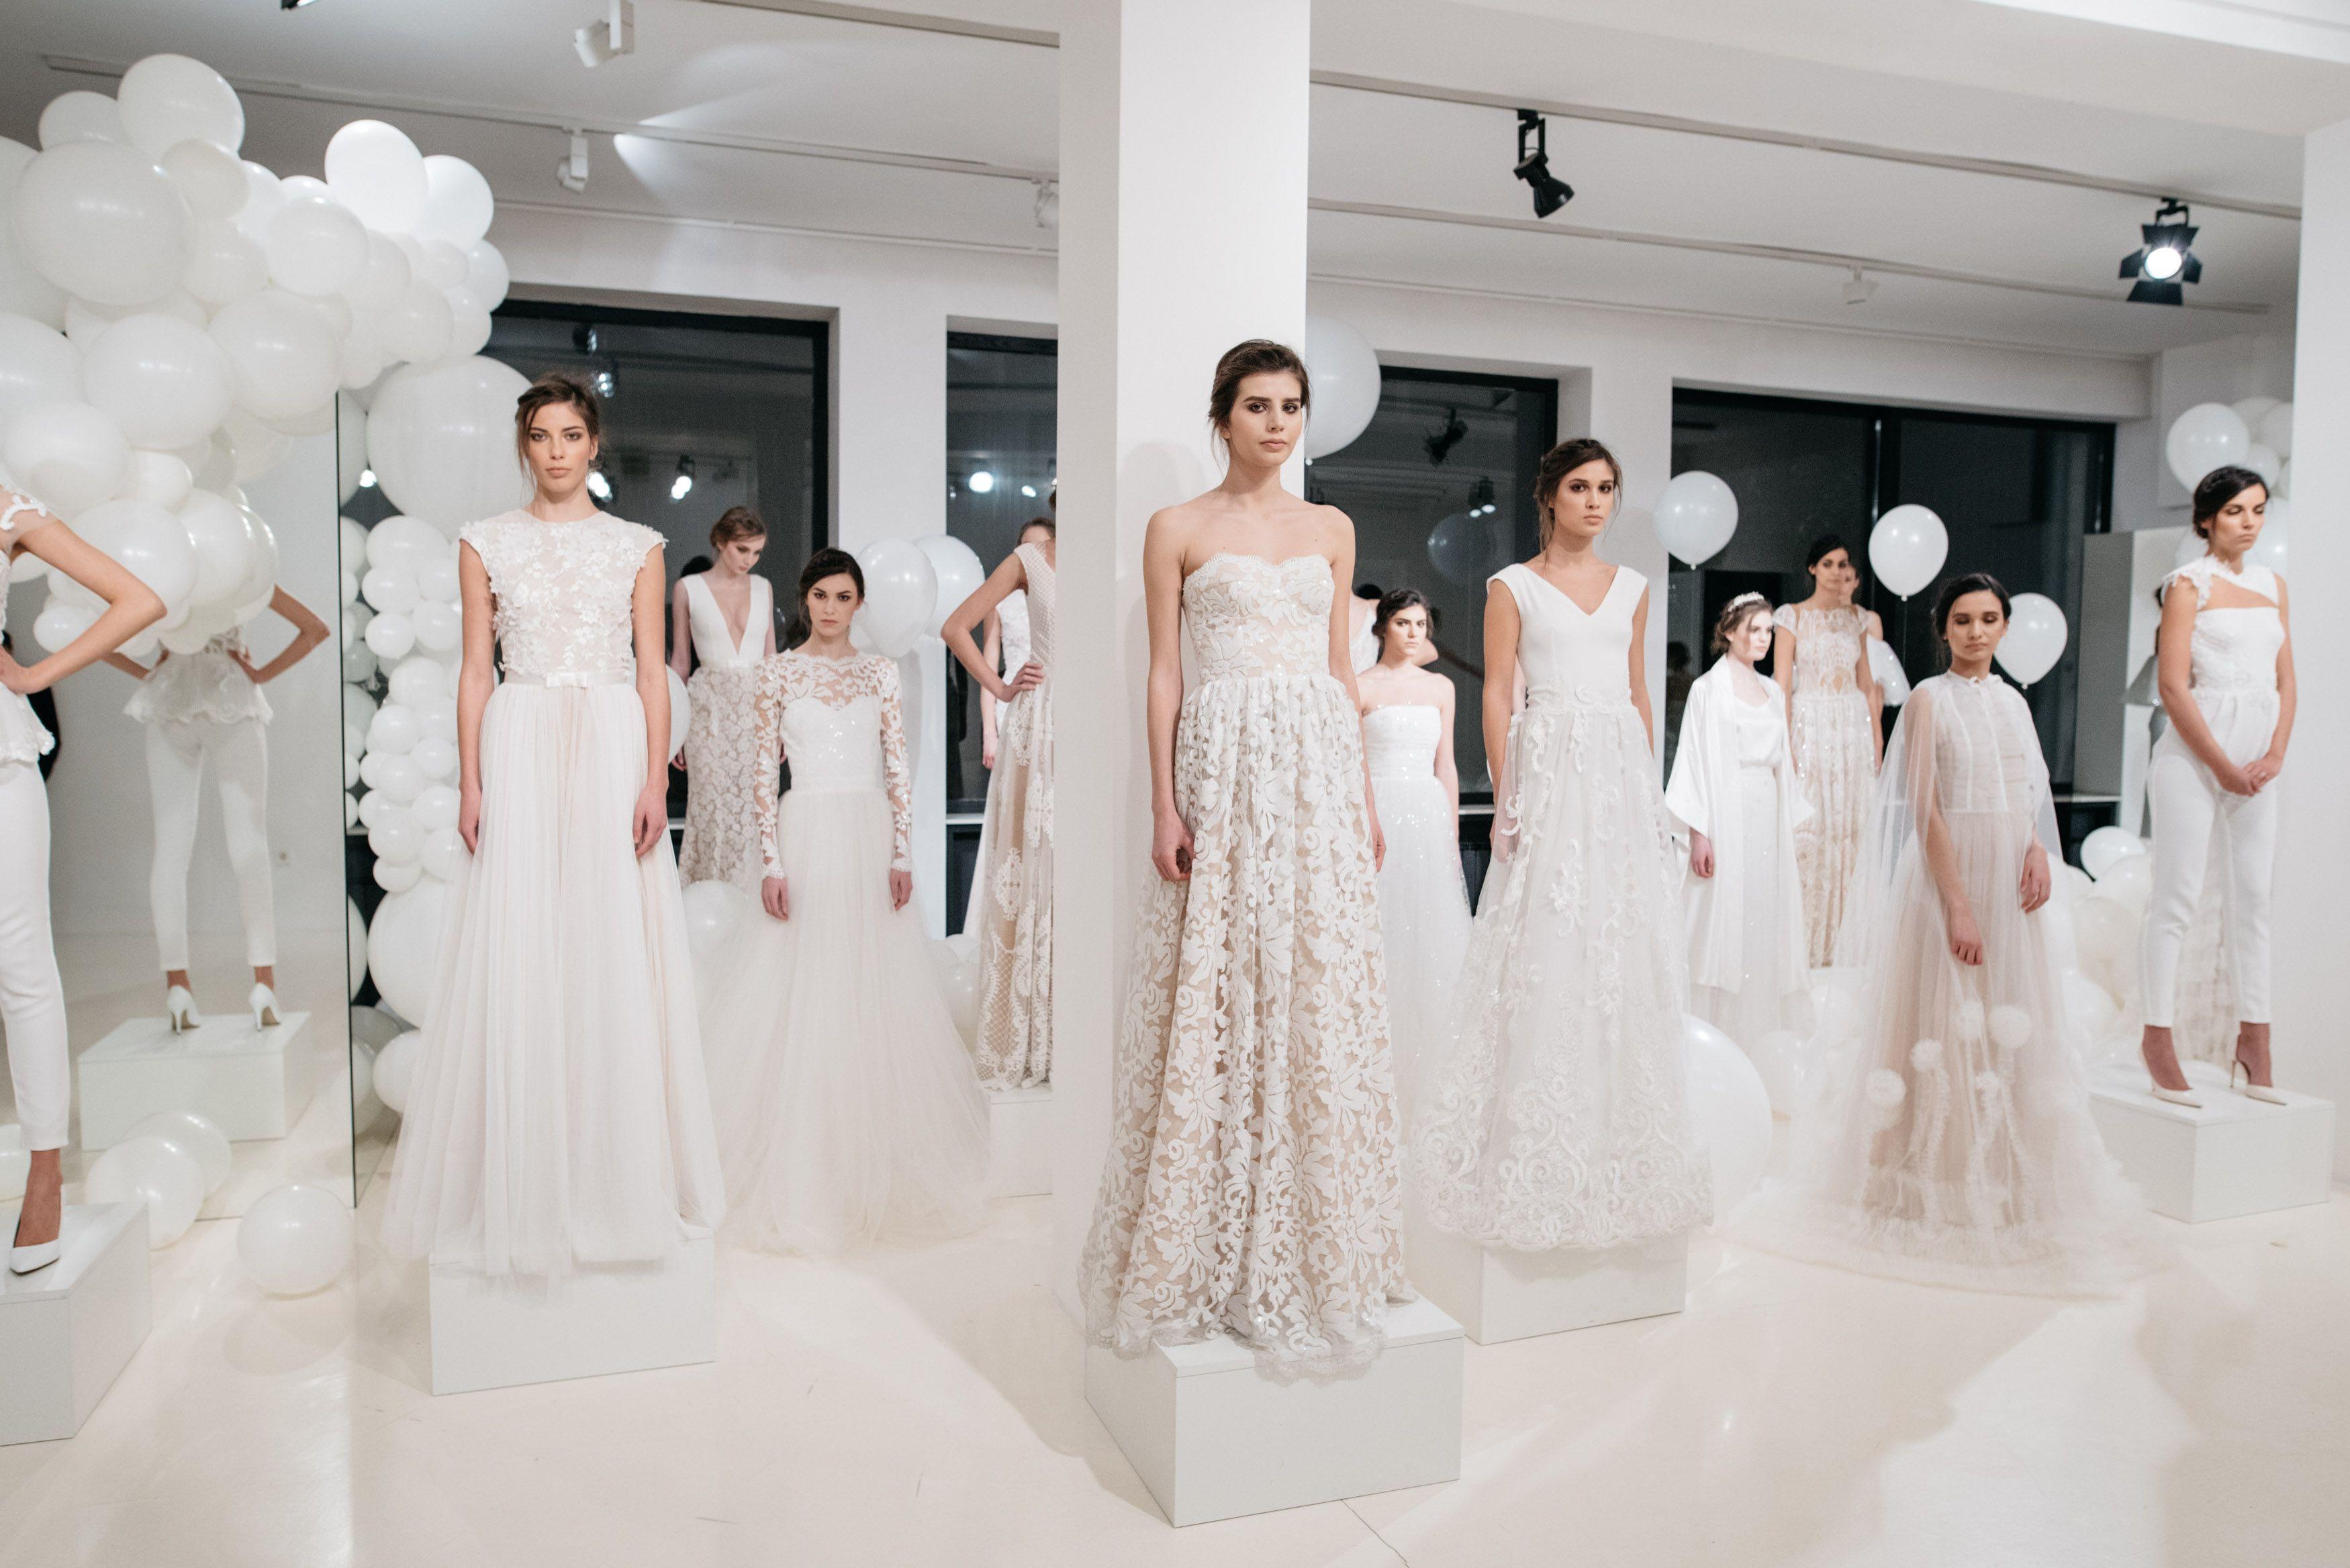 eNVy room predstavio novu kolekciju vjenčanica  ekskluzivnom modnom izložbom